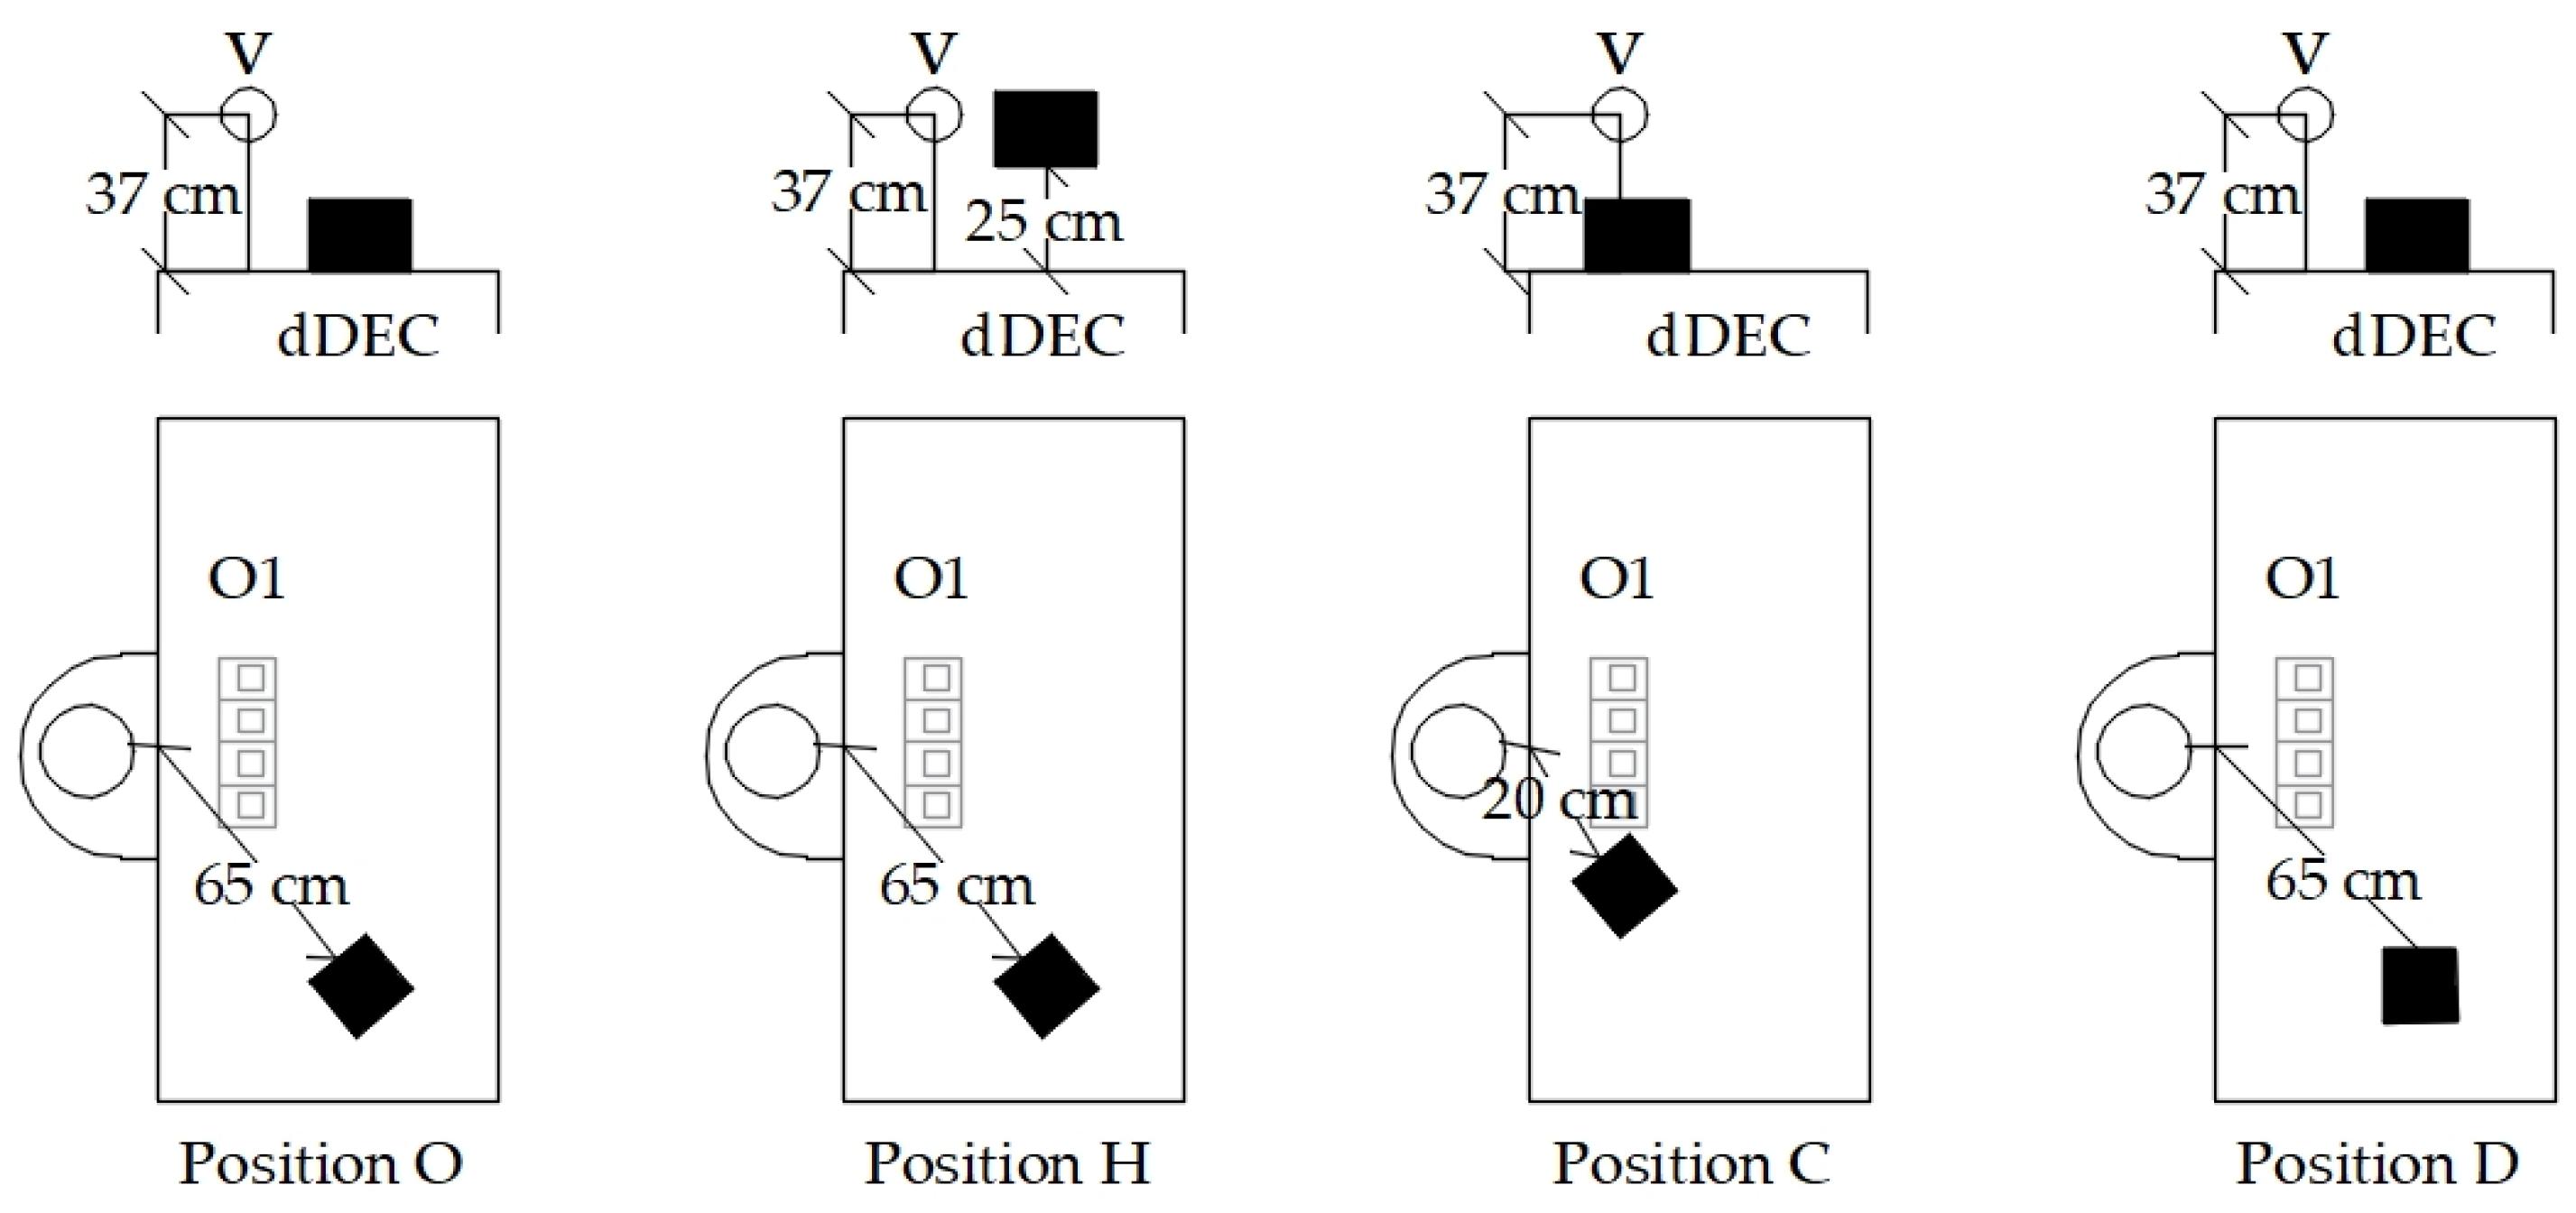 Schema Emg B103rb Wiring Diagram Full Quality Bestbuytoo Adwiremesh Chocaubrac Fr